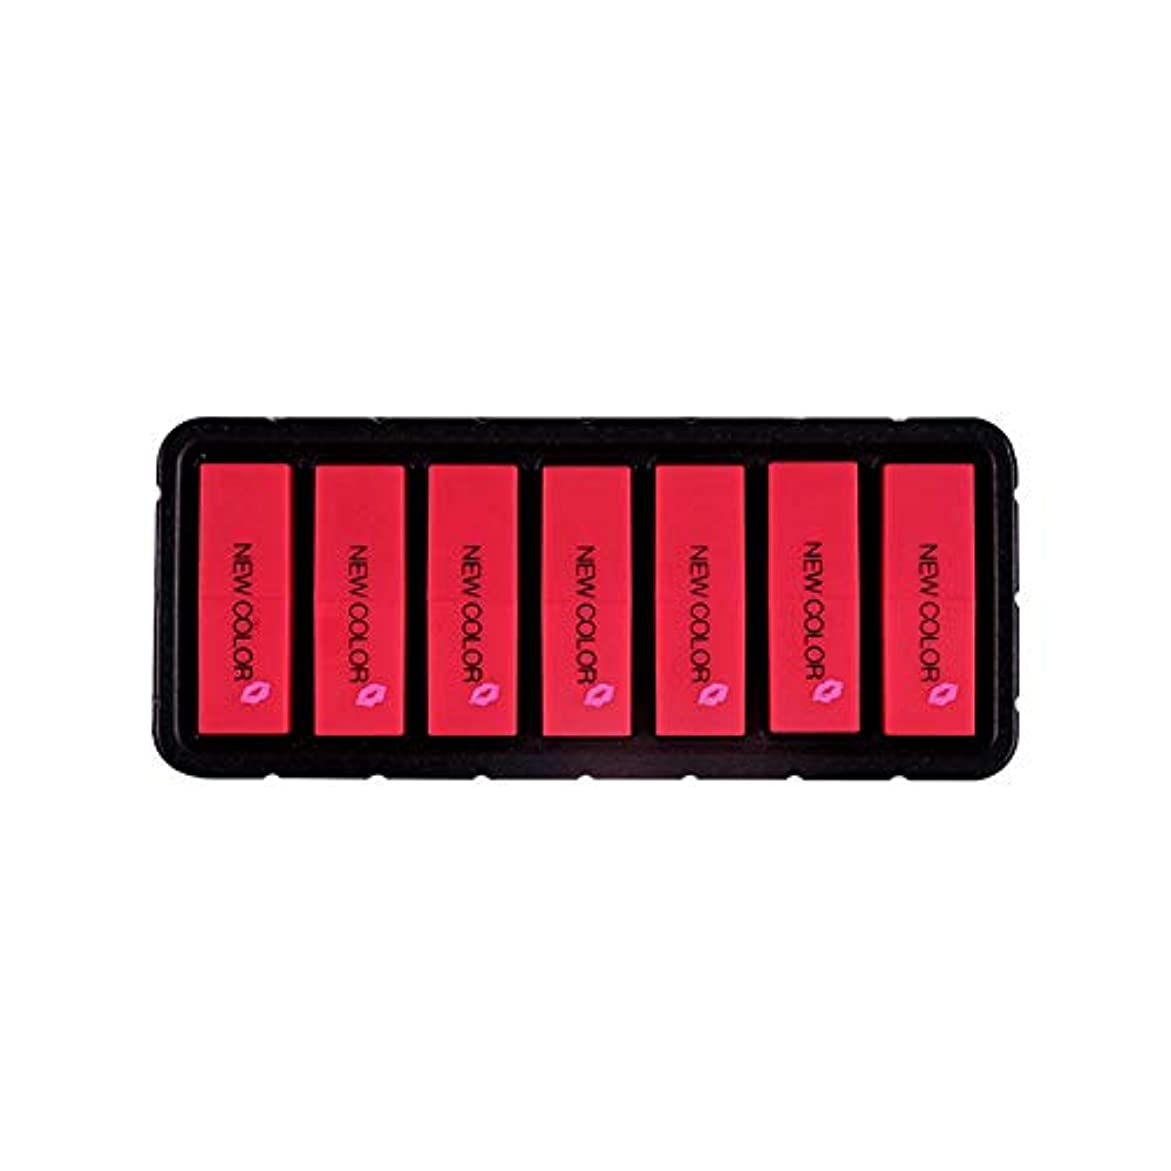 持ってるアシスタントスコットランド人Eldori 2019 新作 リップスティック セット 7色 口紅 長続き防水リップ 化粧品 マット リップスティック セット 5本/セットコスプレ、ハロウィーン、クリスマスなどに兼用 カボチャの色 (O)